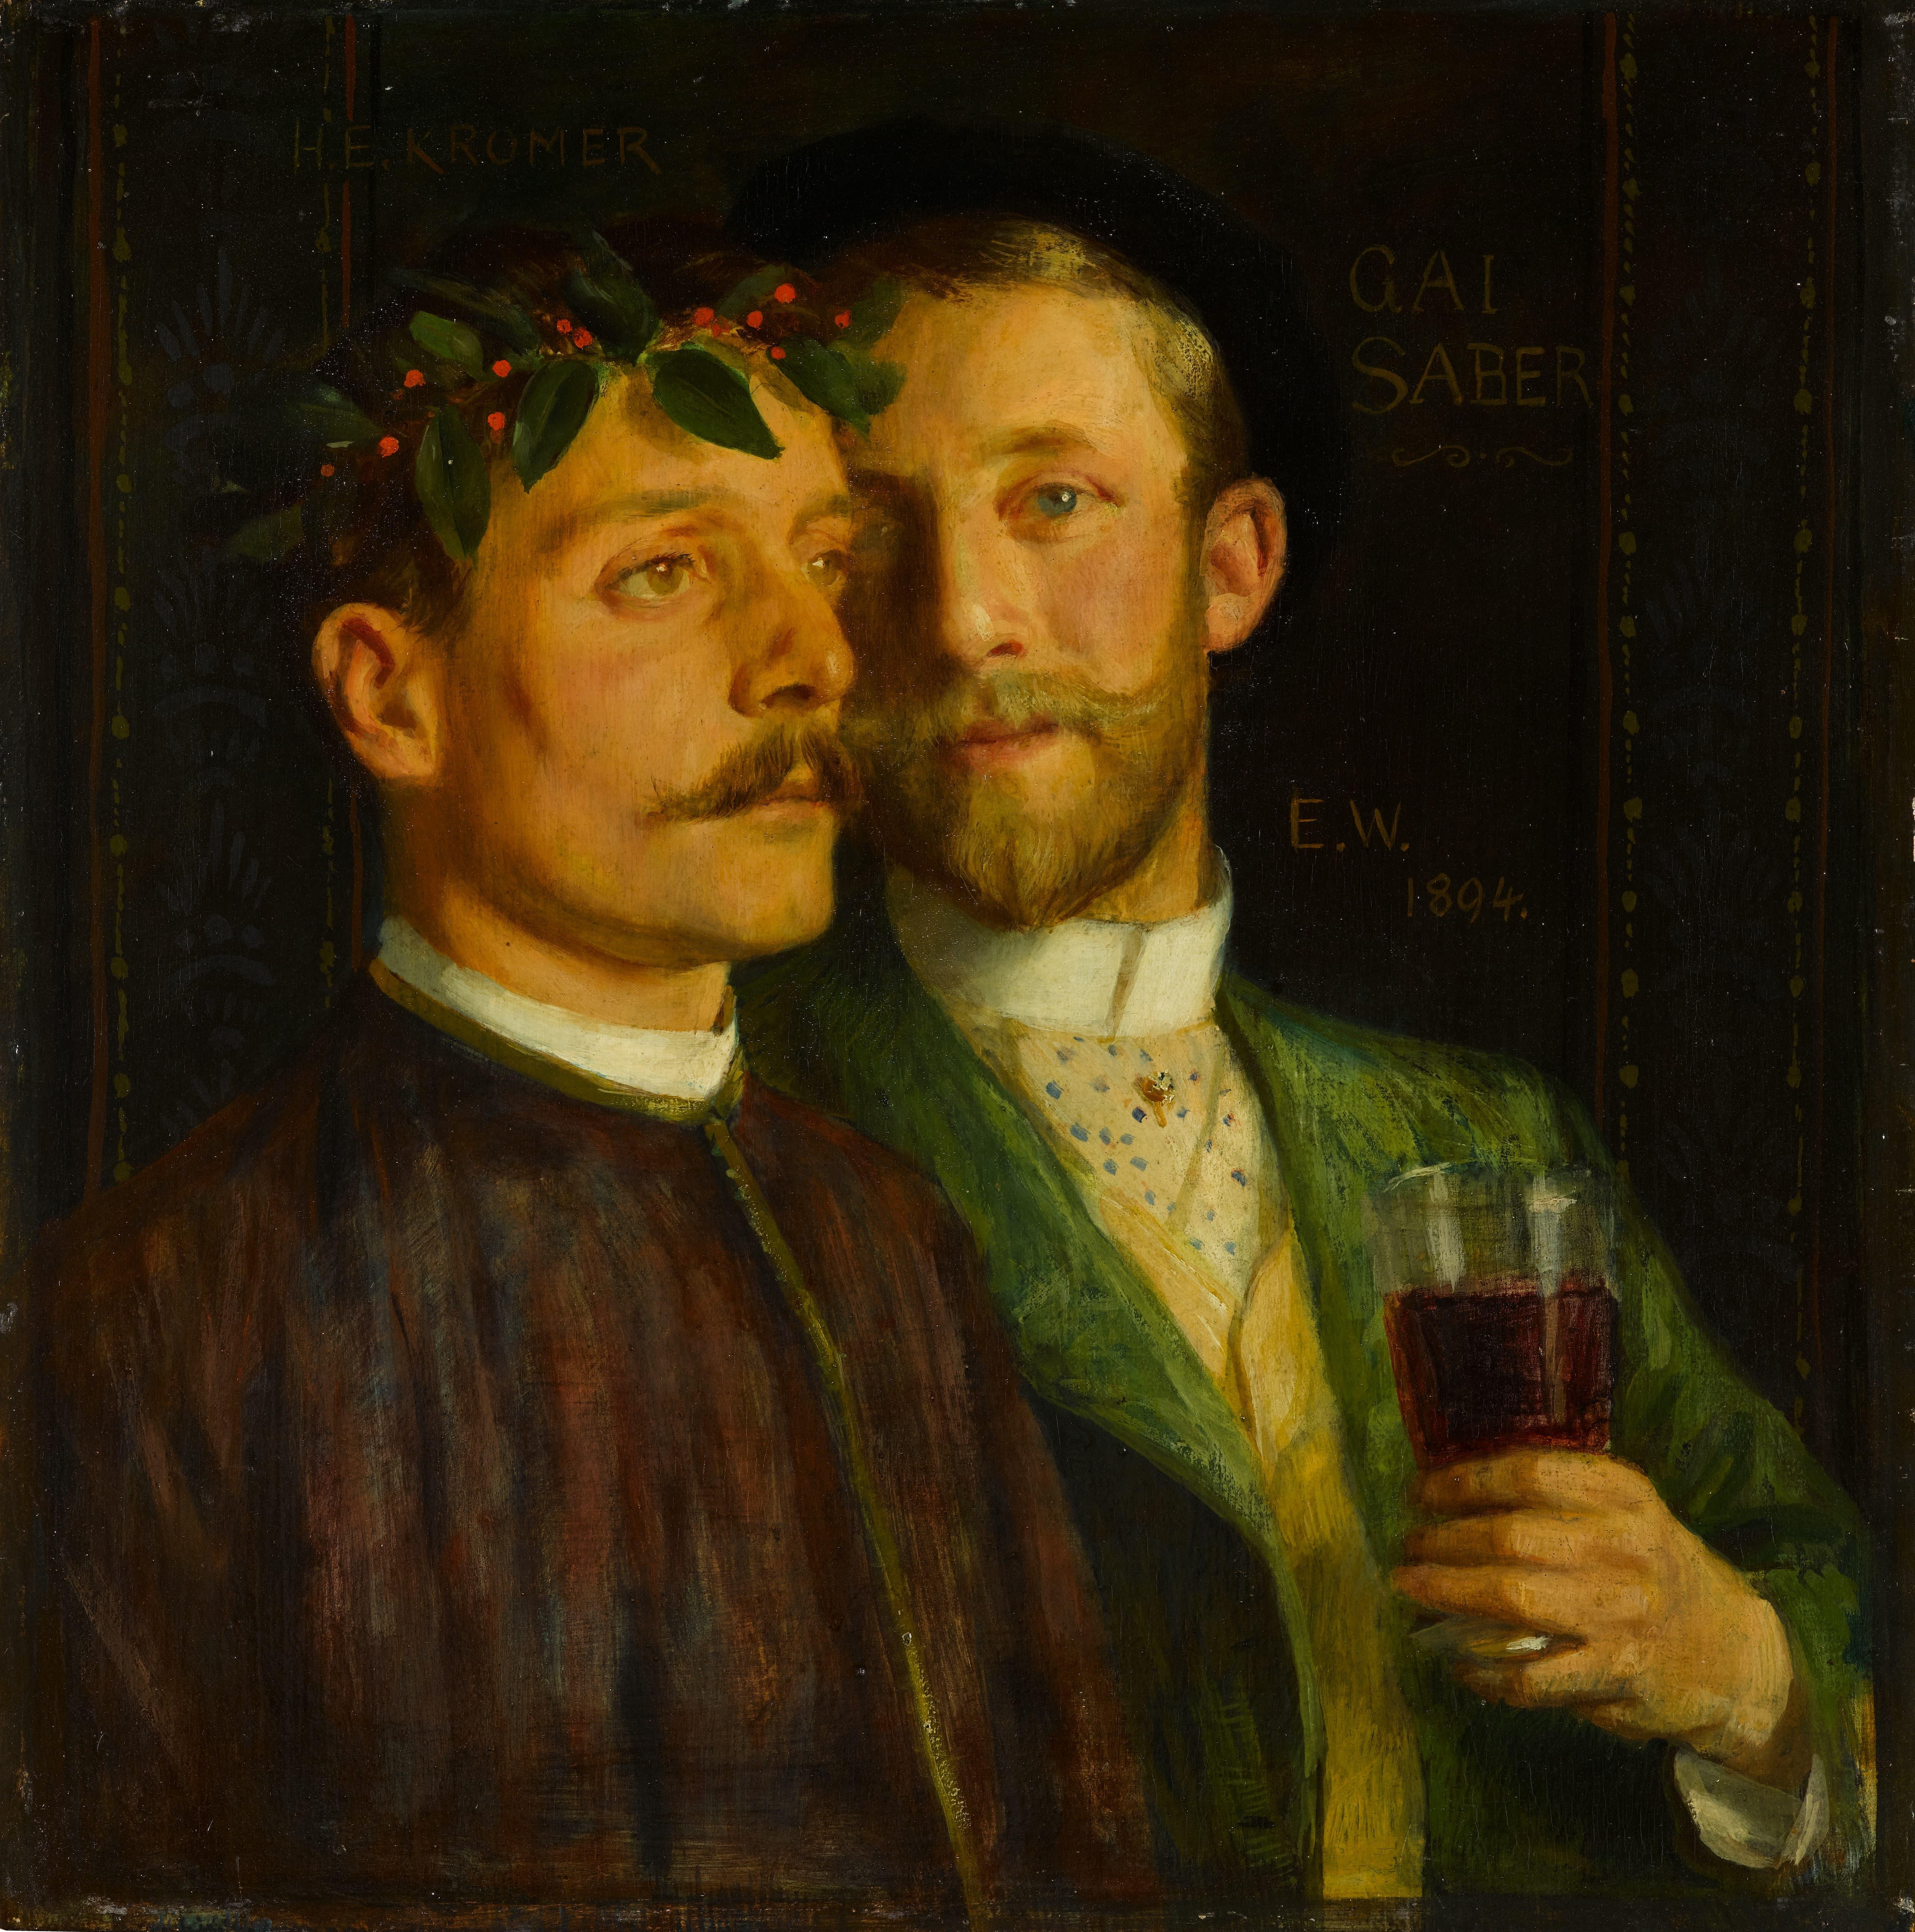 Ernst Würtenberger, Doppelbildnis (Selbstbildnis mit H. E. Kromer), 1894, Biertempera auf Lindenholz, 44 x 44 cm © Staatsgalerie Stuttgart